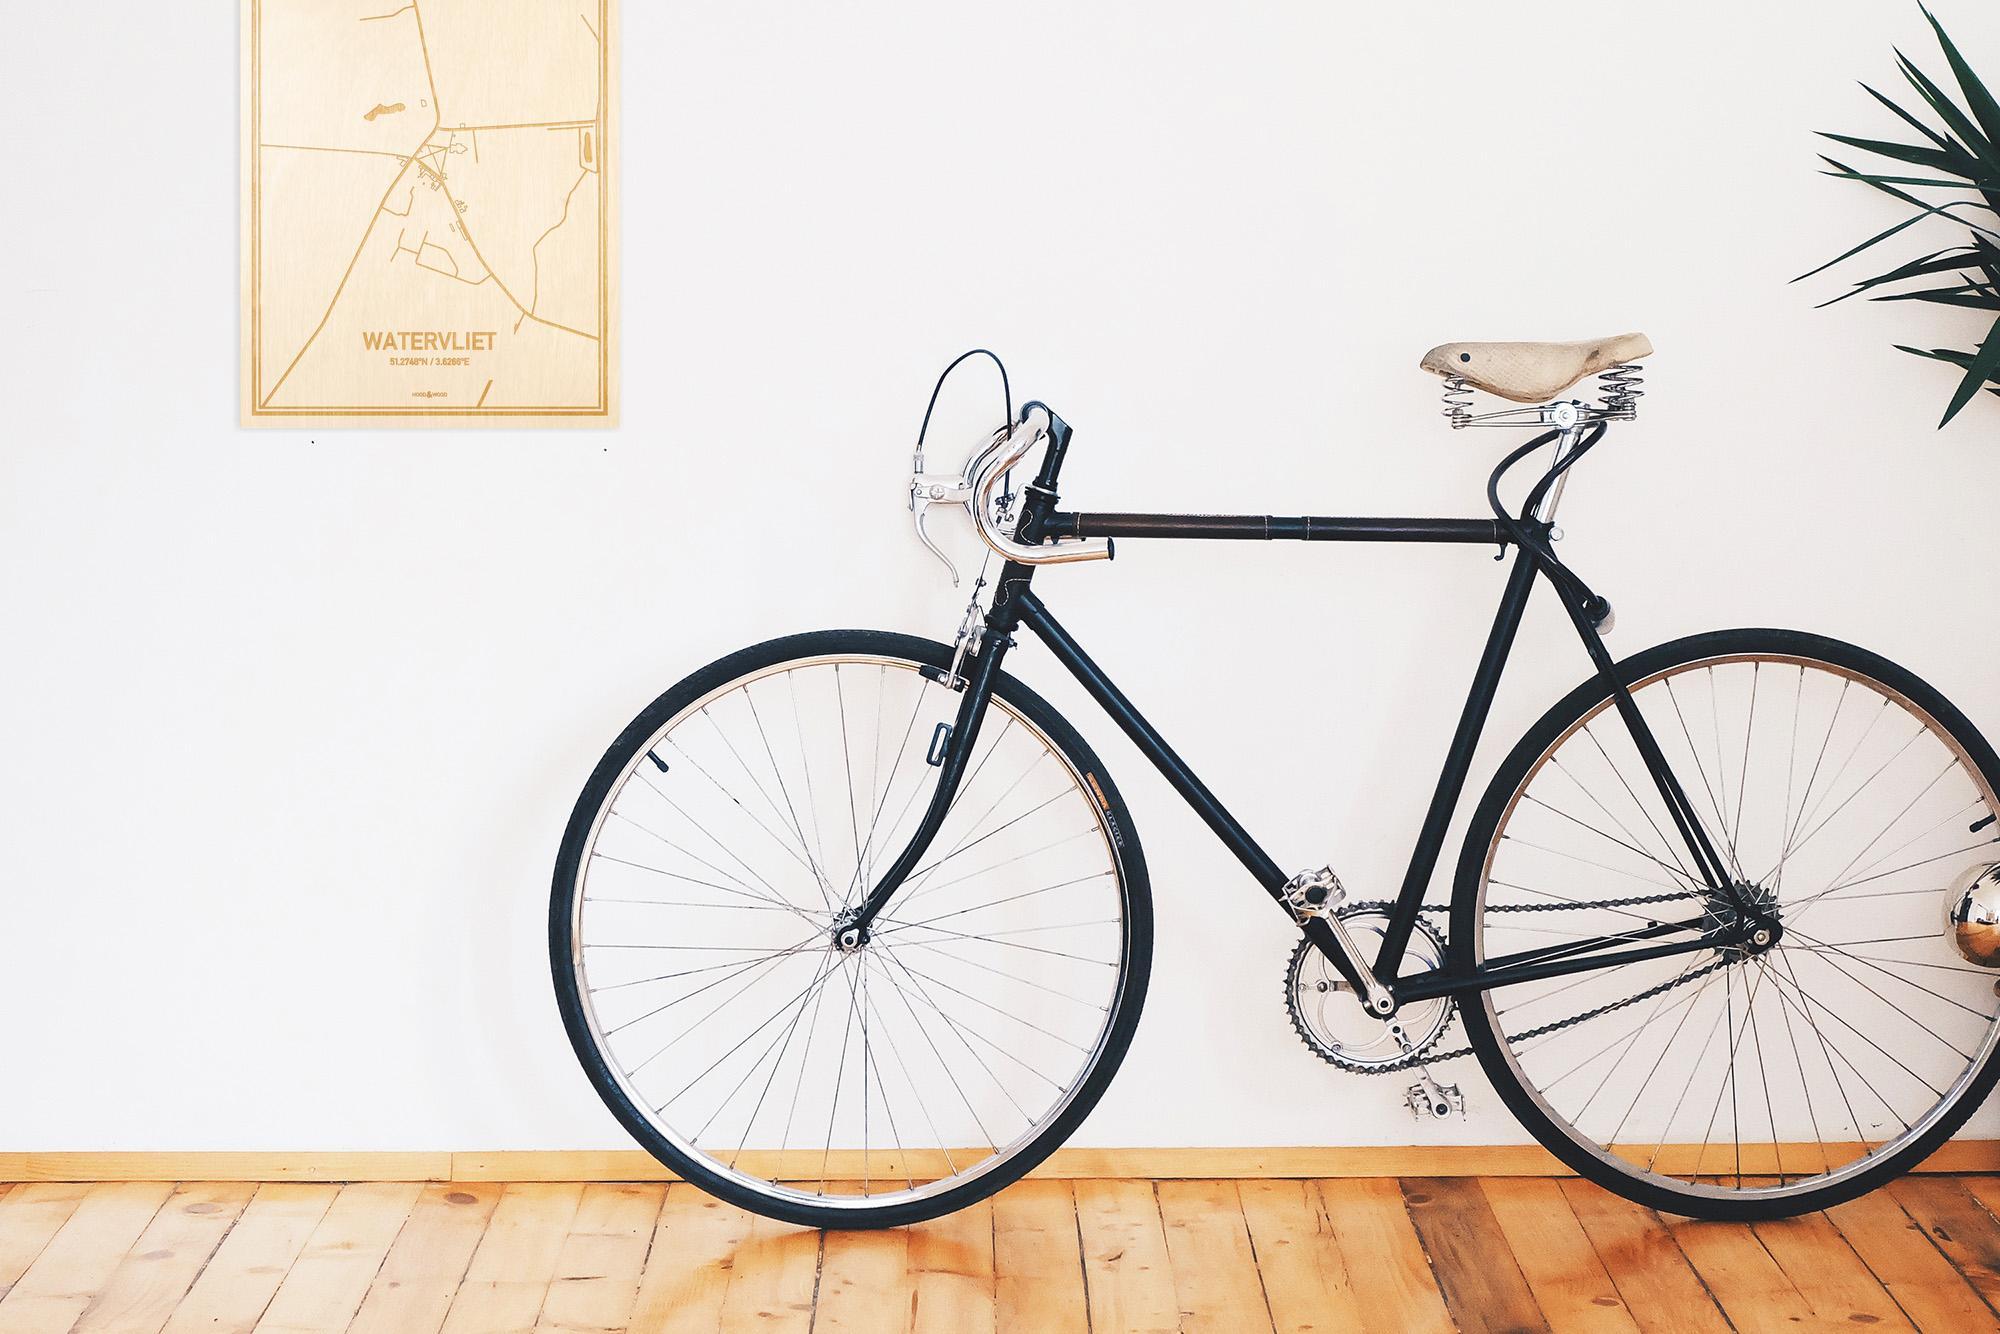 Een snelle fiets in een uniek interieur in Oost-Vlaanderen  met mooie decoratie zoals de plattegrond Watervliet.